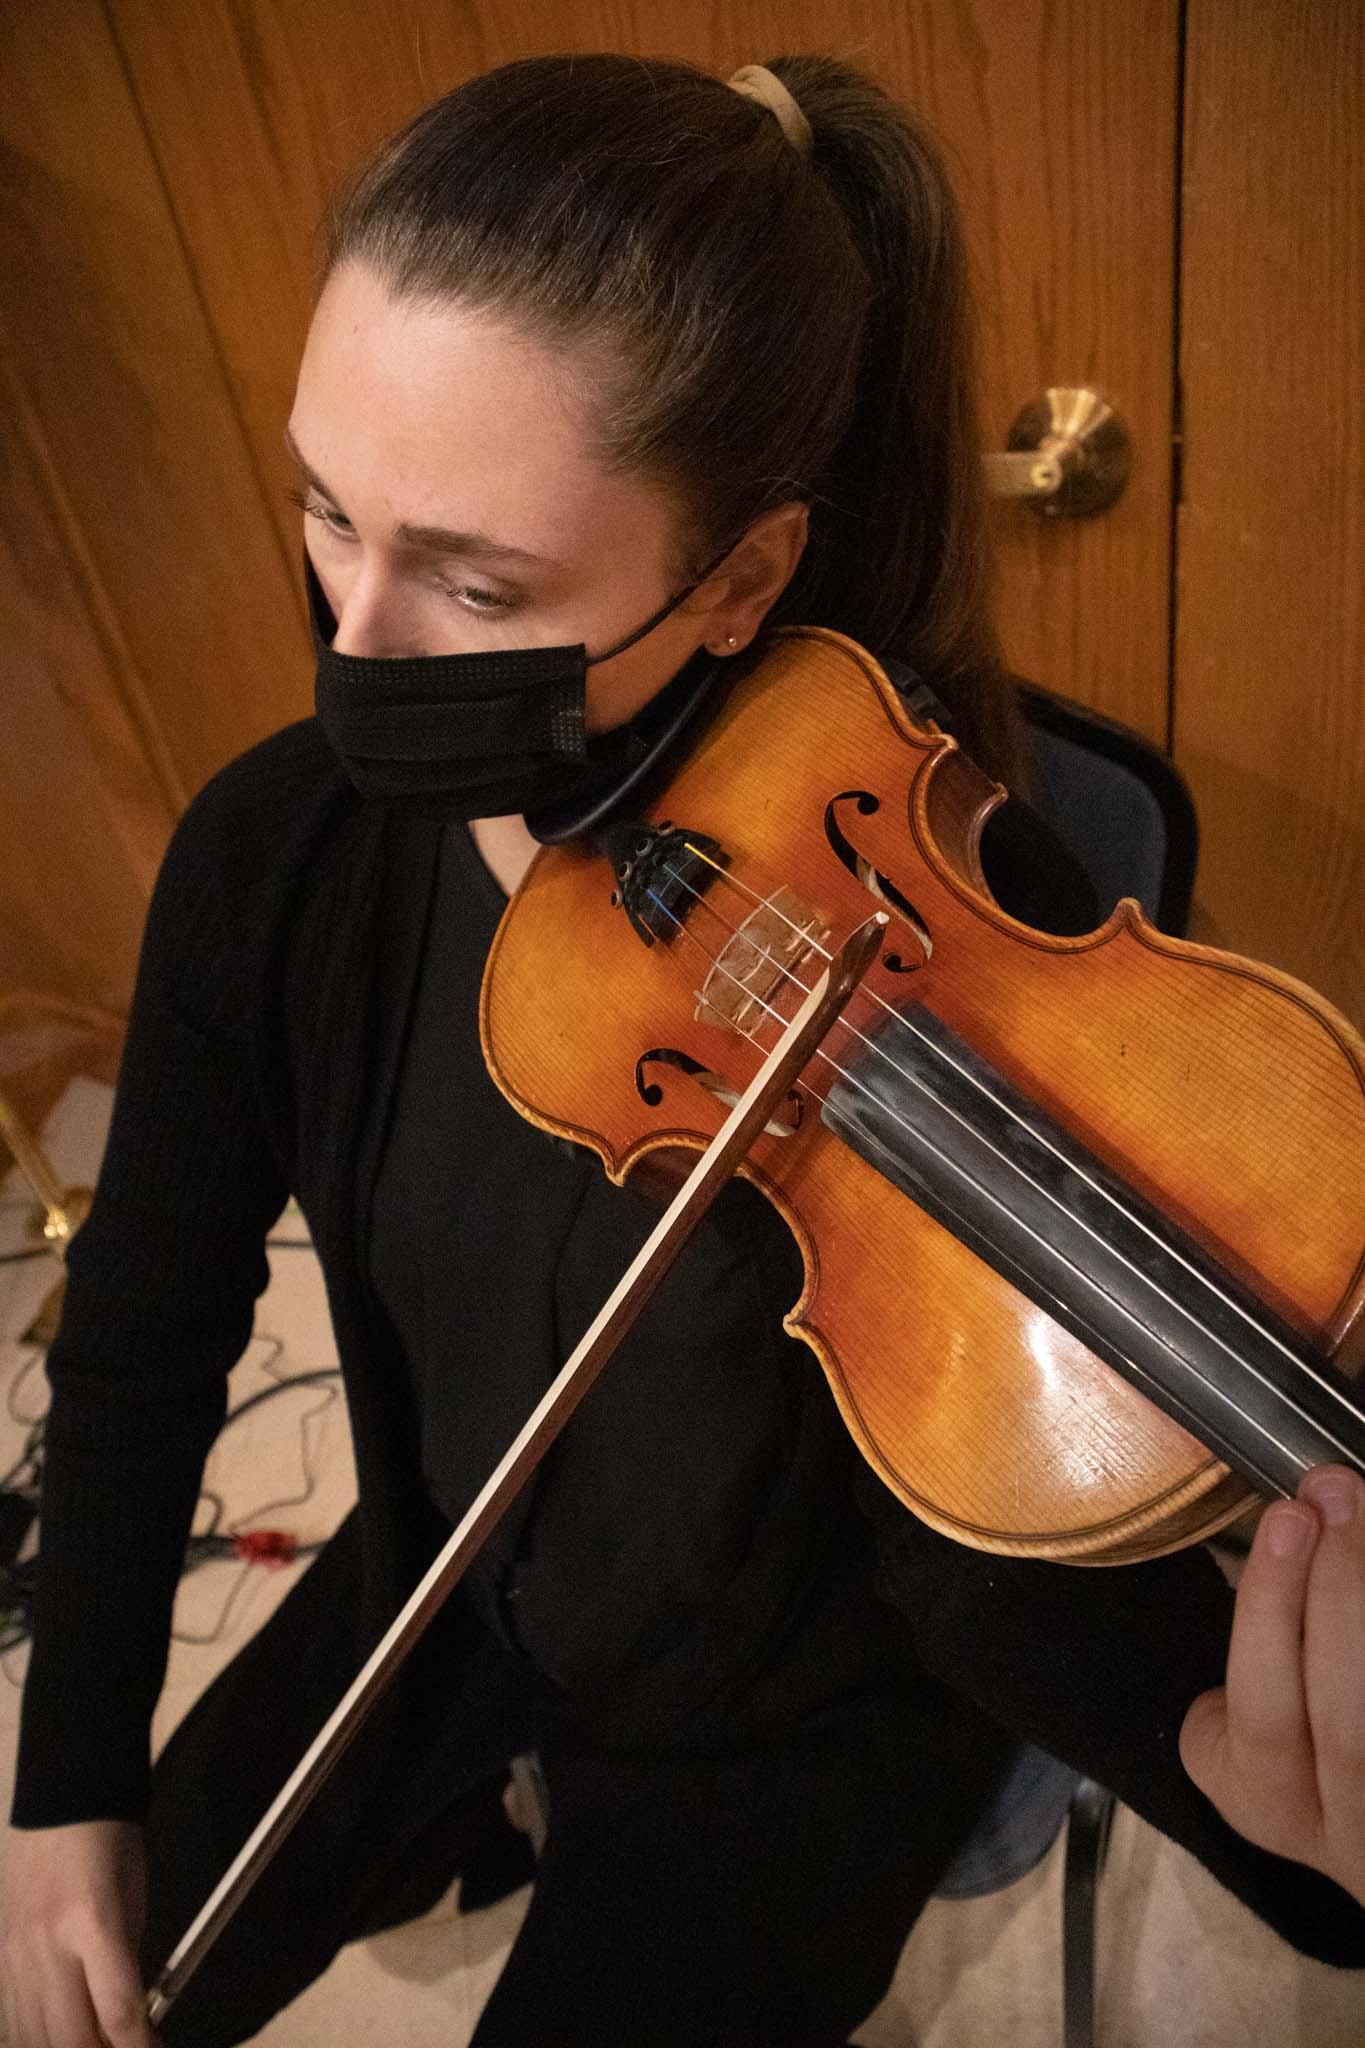 Violinist Haydn Jones